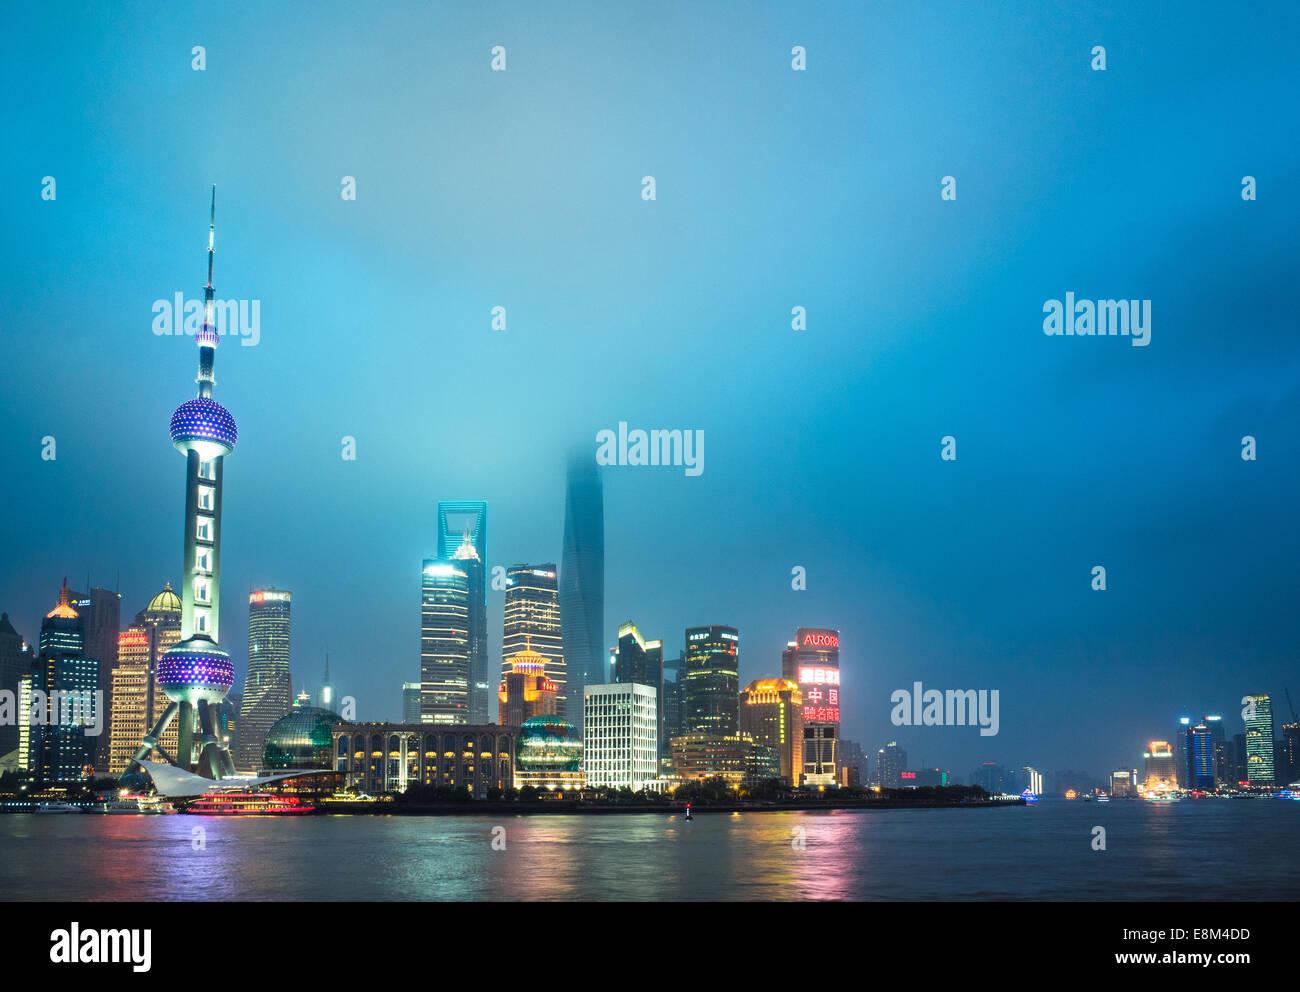 Rascacielos de Shanghai el Bund de noche, hito de China. Imagen De Stock